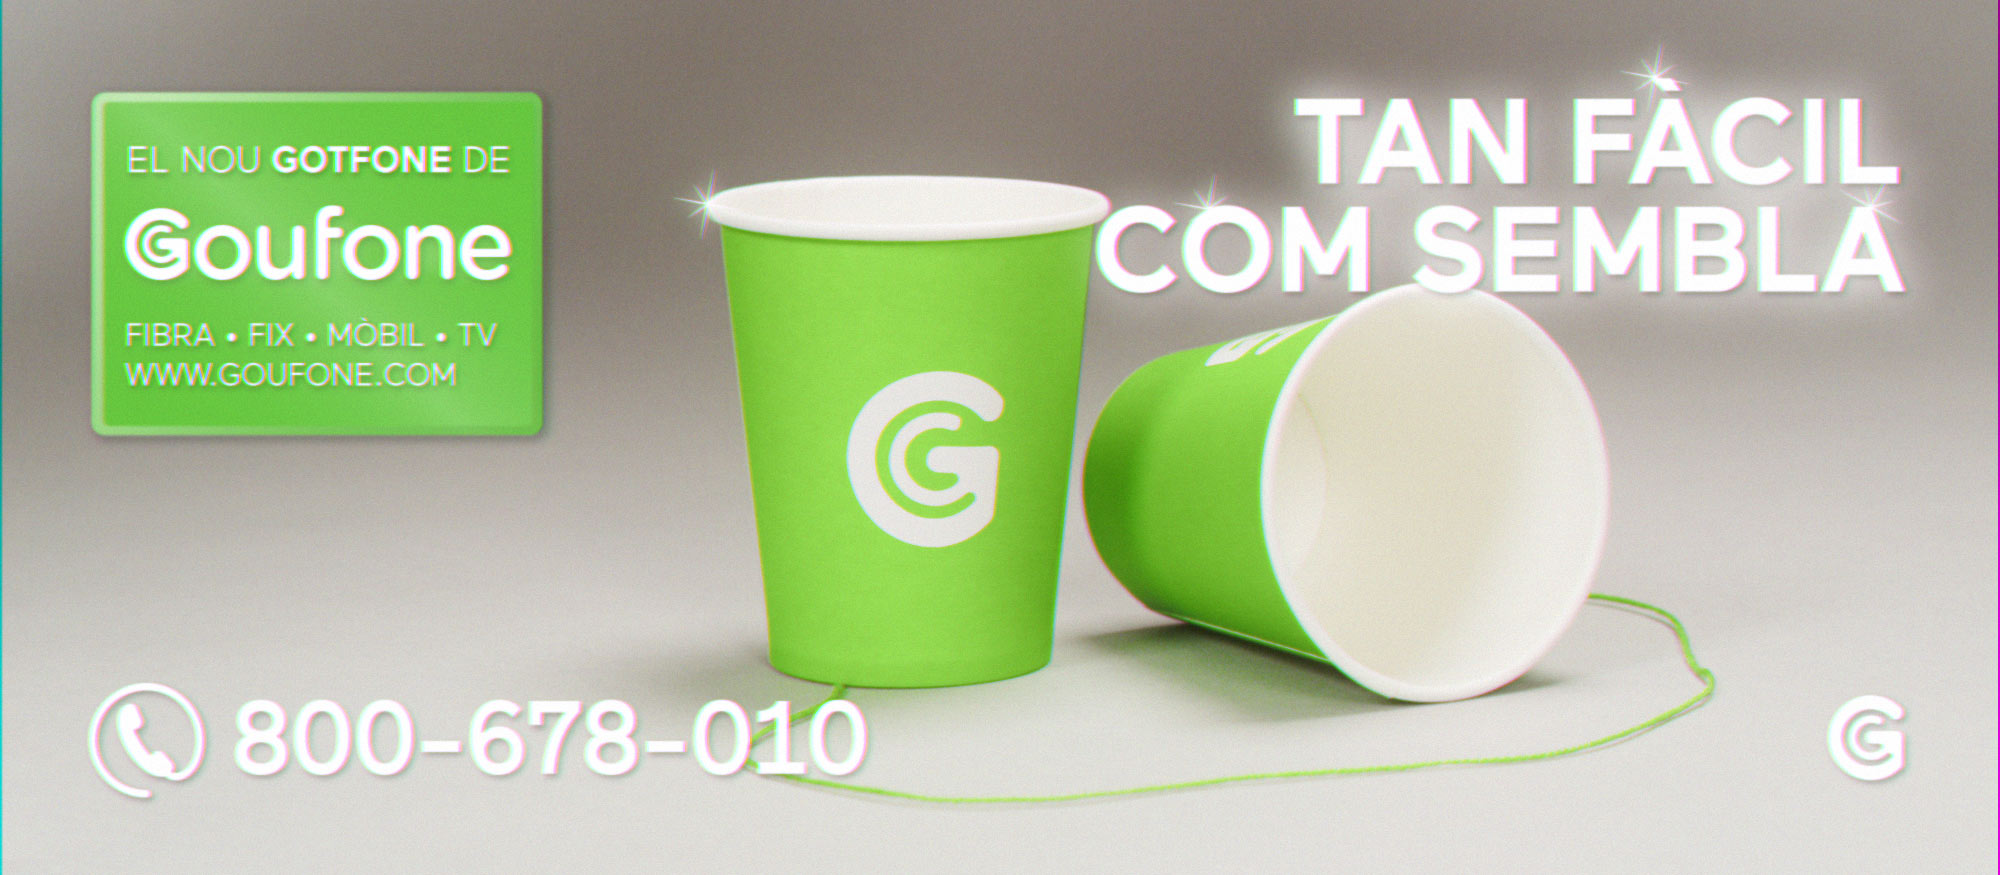 Gotfone